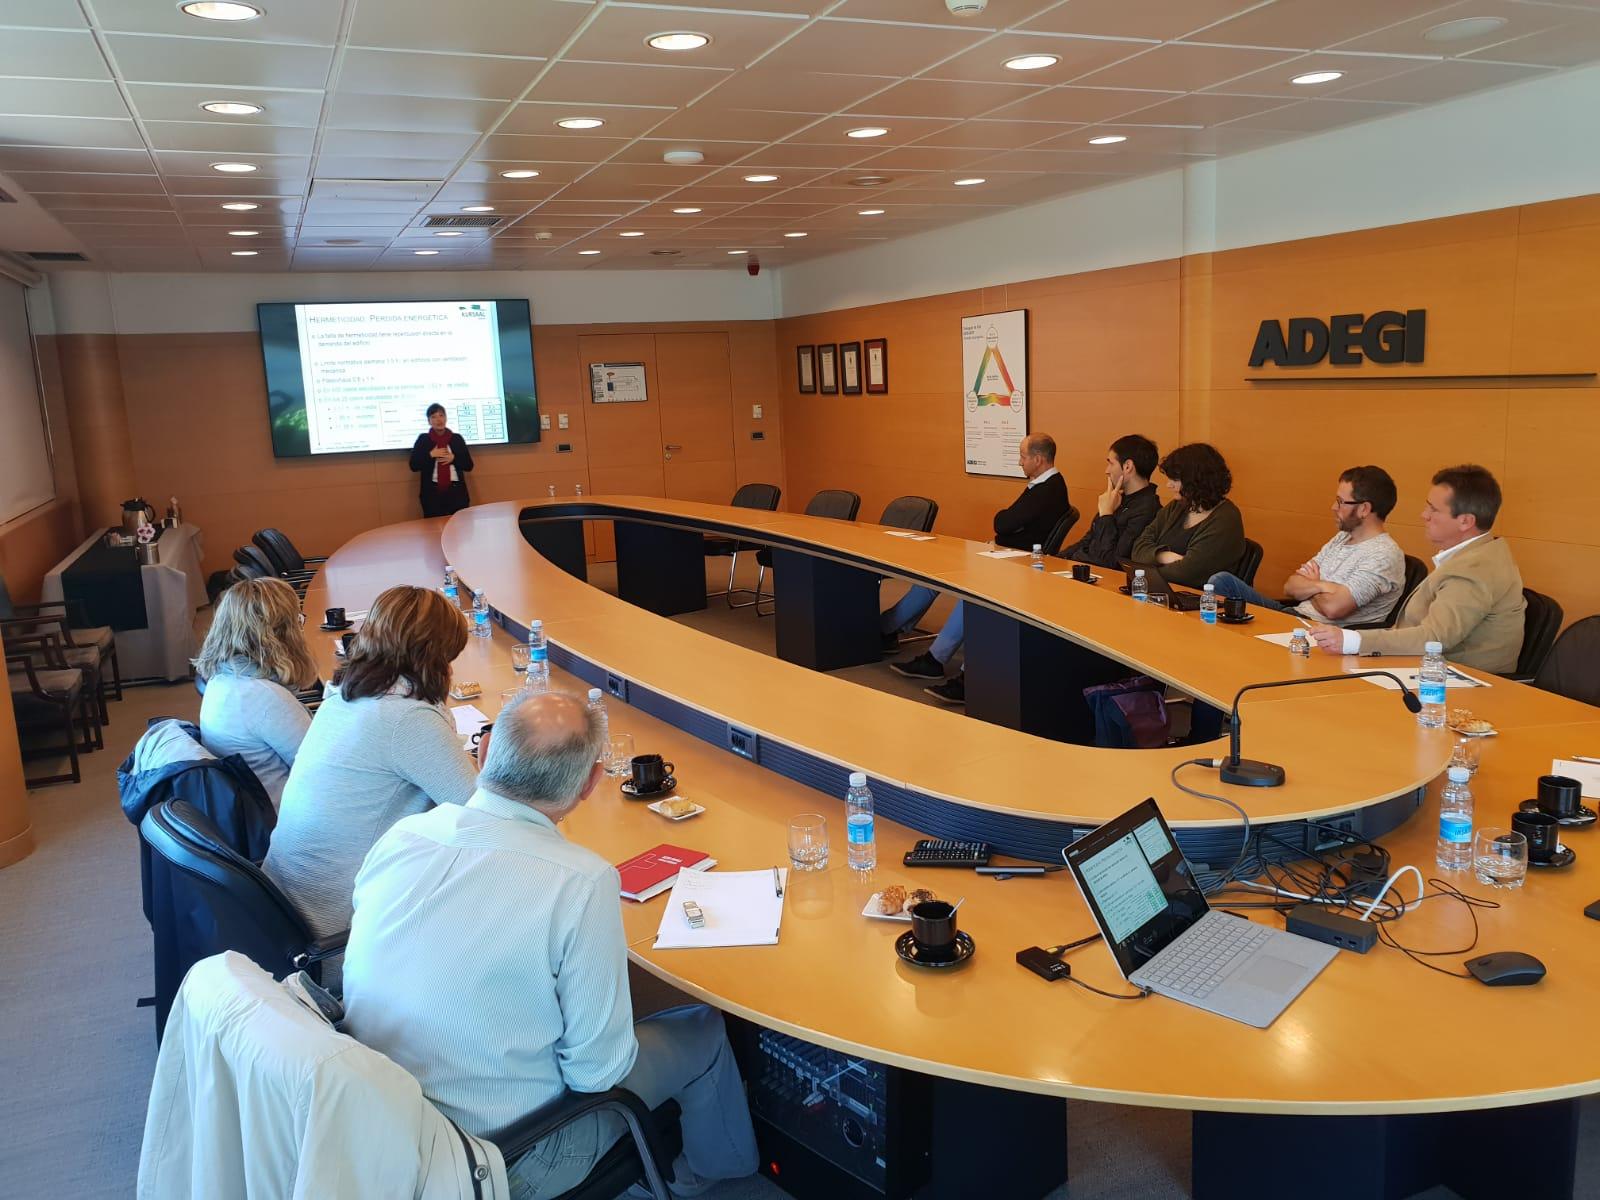 foto noticia: Impartimos charla en el Desayuno de Trabajo organizado por ADEGI